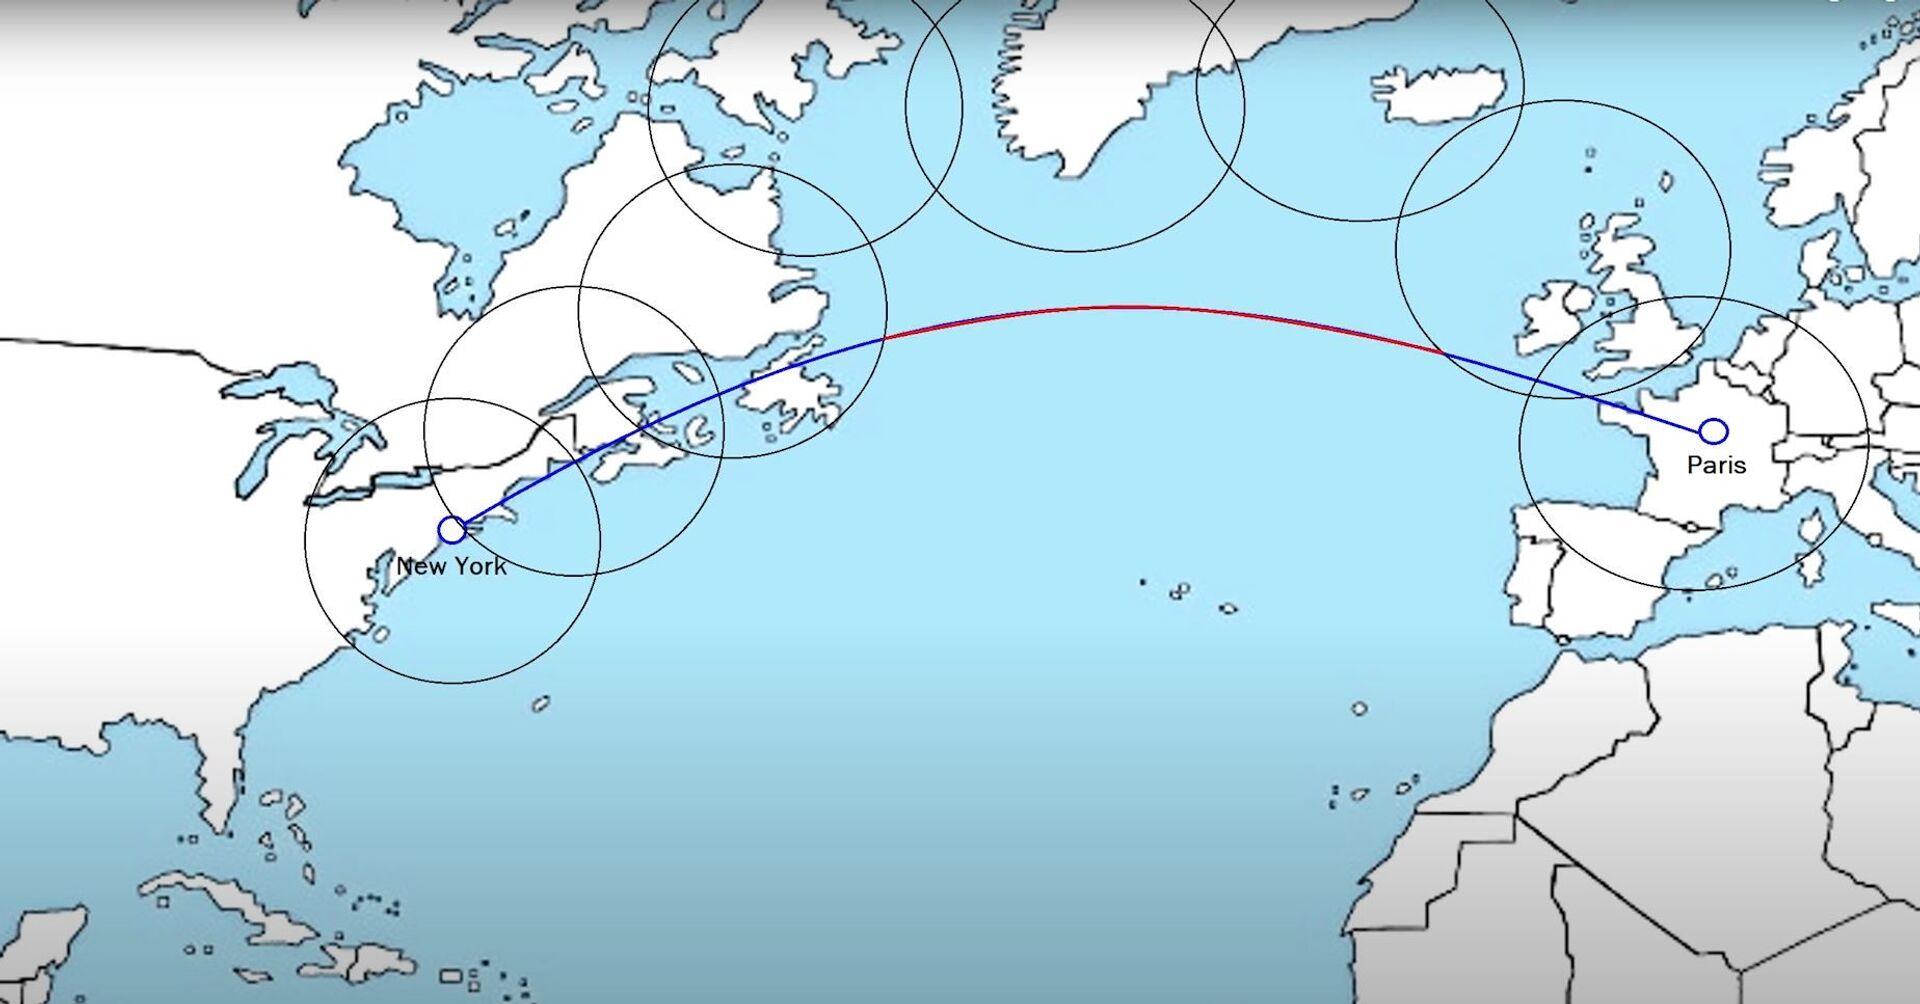 Los límites de vuelo impuestos por la normativa ETOPS en los años 1960 - Sputnik Mundo, 1920, 11.02.2021